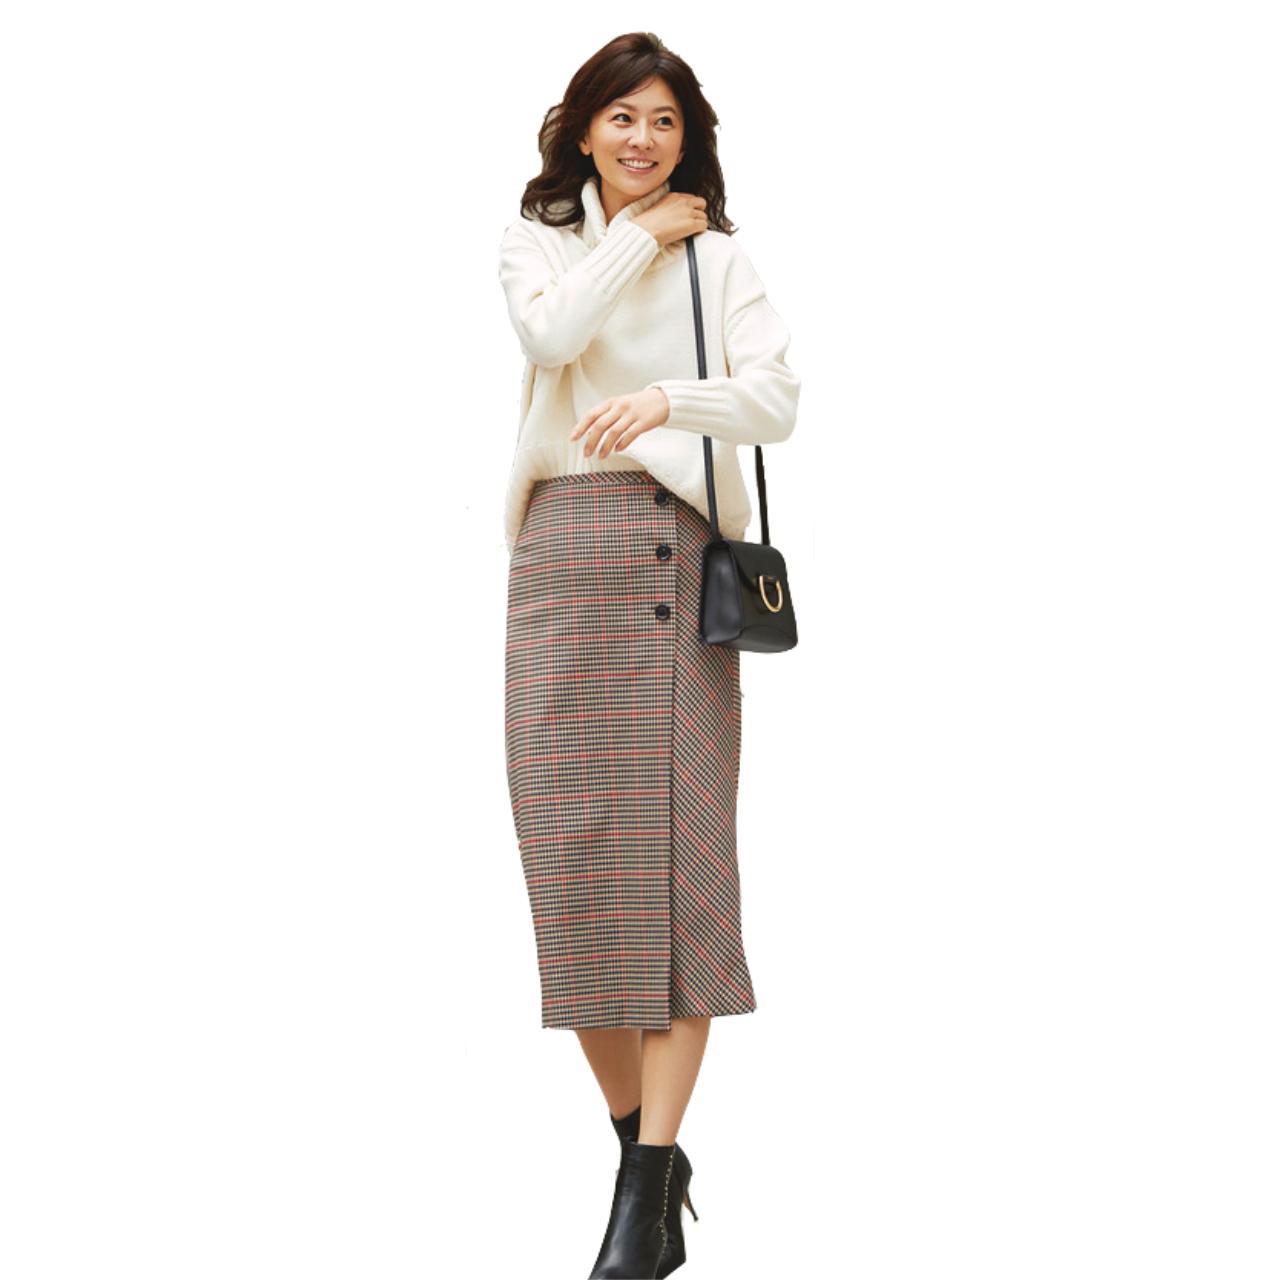 白ニット×チェック柄スカートのファッションコーデ